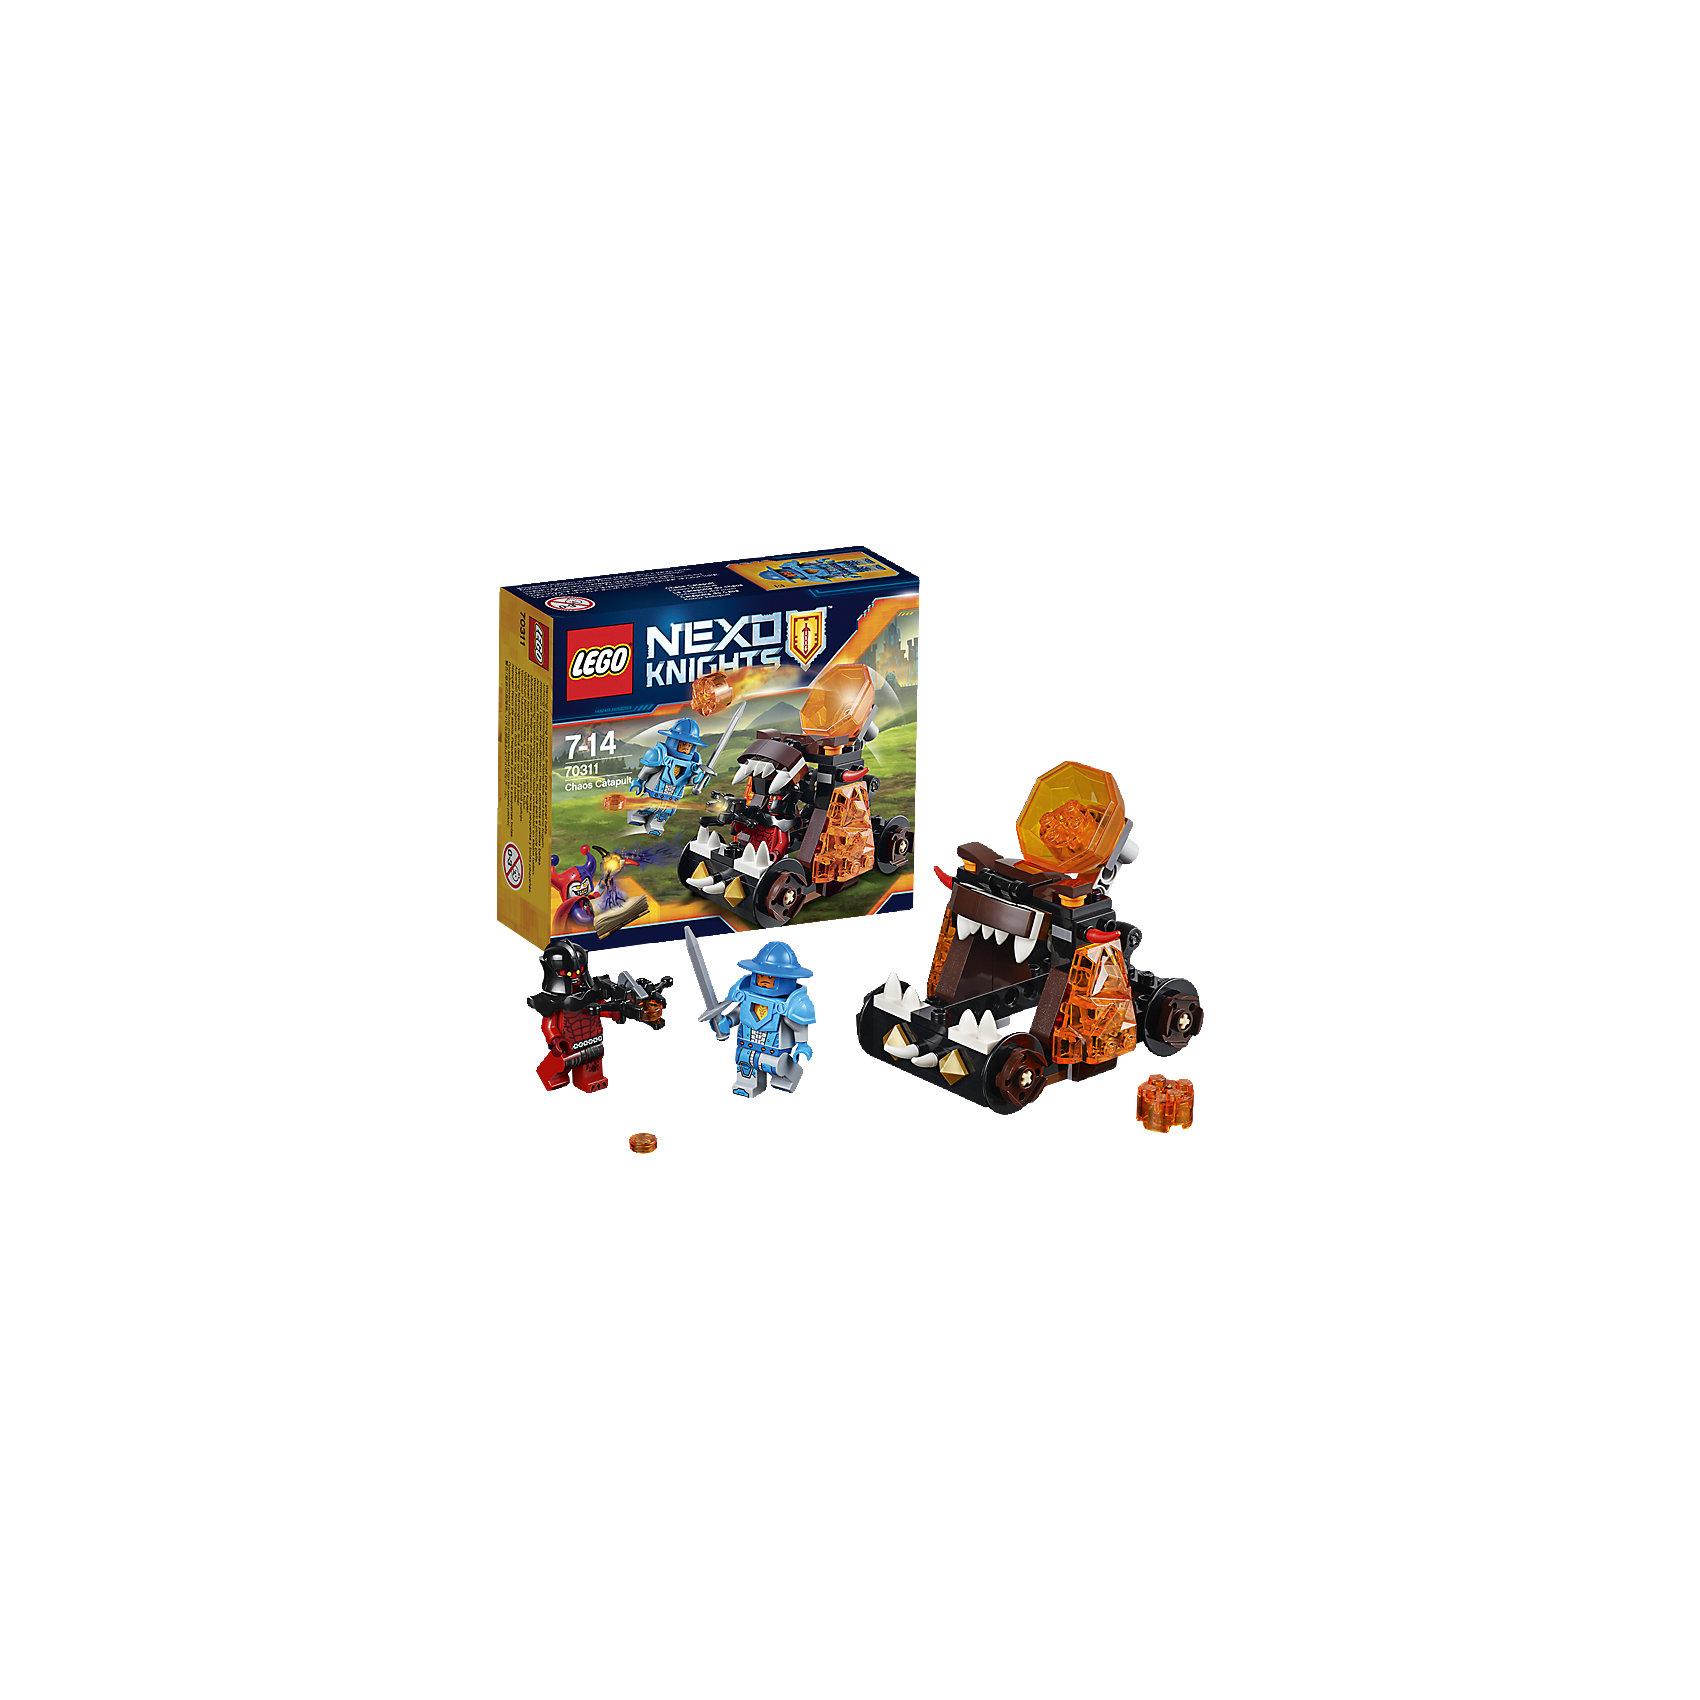 LEGO NEXO KNIGHTS 70311: Безумная катапультаНаправь мощь грозной Безумной катапульты, оснащённой тысячами чудовищных зубов, против Королевского Стражника! Порази его из арбалета, установленного на борту или накрой огнём лавовых камней с катапульты. Войди в королевство Найтония  с помощью устрашающей Безумной катапульты!<br><br>LEGO Nexo Knights ( ЛЕГО Нексо Найт) - это невероятный мир прогресса и новых технологий, в котором все же нашлось место для настоящих рыцарей, магии и волшебства. Удивительное сочетание футуризма и средневековой романтики увлекает и детей, и взрослых, а множество наборов серии и высокая детализация позволяют создать свой волшебный мир Nexo Knights!<br><br>Дополнительная информация:<br><br>- Конструкторы ЛЕГО развивают усидчивость, внимание, фантазию и мелкую моторику. <br>- 2 фигурки: королевский стражник и Магмометатель. <br>- Комплектация: 2 фигурки, катапульта, аксессуары. <br>- Количество деталей: 93.<br>- Серия LEGO Nexo Knights (ЛЕГО Нексо Найт).<br>- Материал: пластик.<br>- Размер катапульты в собранном виде: 9х8х6 см.<br>- Размер упаковки: 14х4,6х12 см.<br>- Вес: 0.13 кг.<br><br>LEGO NEXO KNIGHTS 70311: Безумная катапульта можно купить в нашем магазине.<br><br>Ширина мм: 145<br>Глубина мм: 118<br>Высота мм: 49<br>Вес г: 122<br>Возраст от месяцев: 84<br>Возраст до месяцев: 168<br>Пол: Мужской<br>Возраст: Детский<br>SKU: 4258996